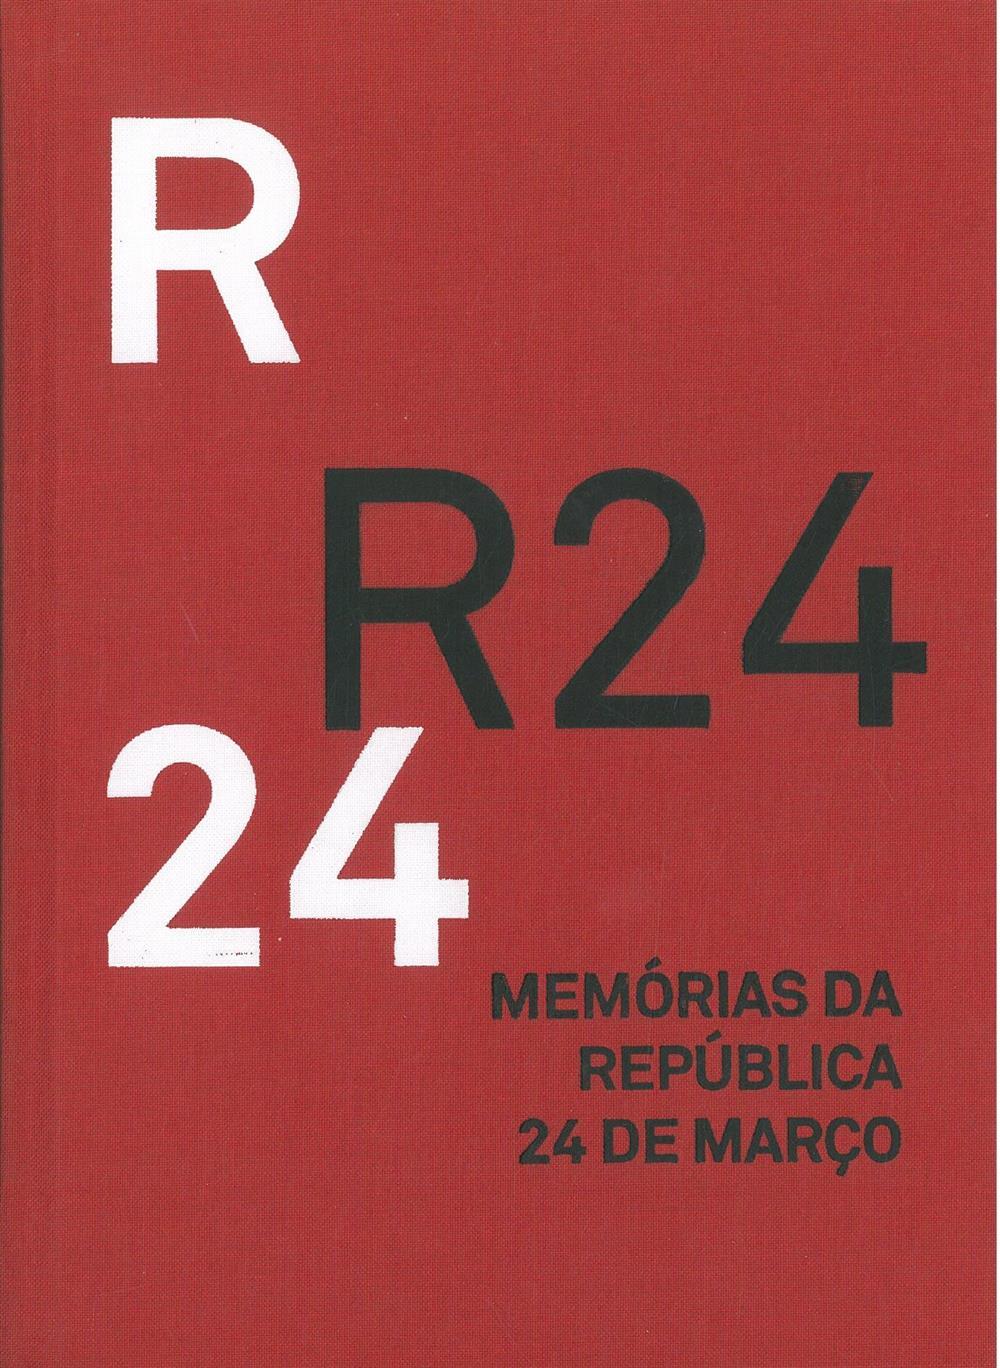 Memórias da República 24 de Março : R24.jpg